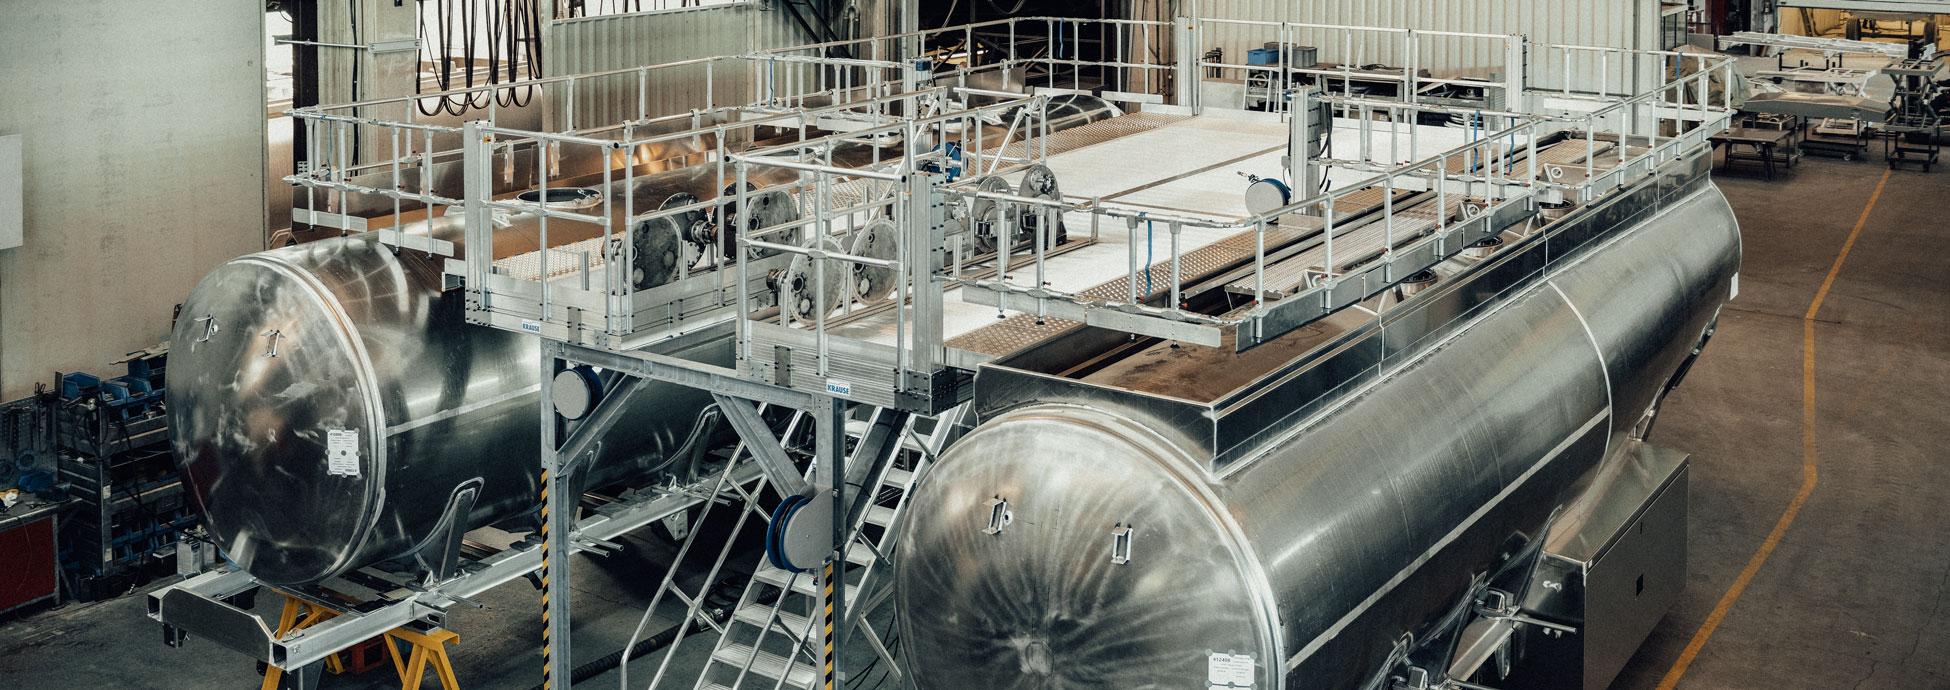 Двойная рабочая платформа с трапом для производства автоцистерн